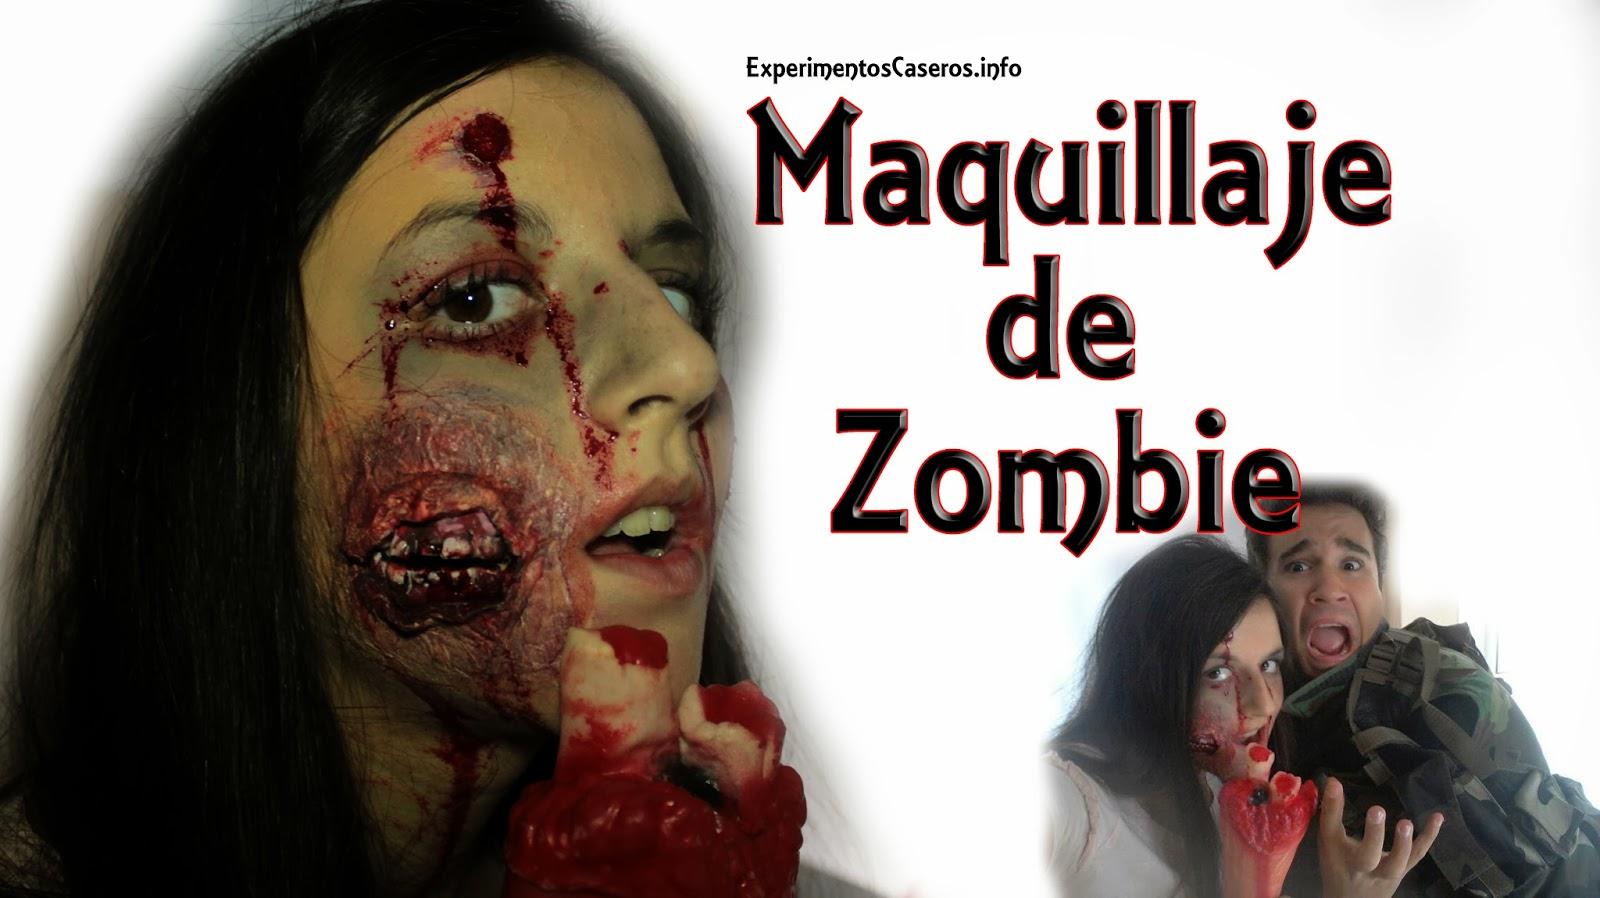 Maquillaje de caracterizaci n para convertirse en zombie - Como maquillarse de zombie ...